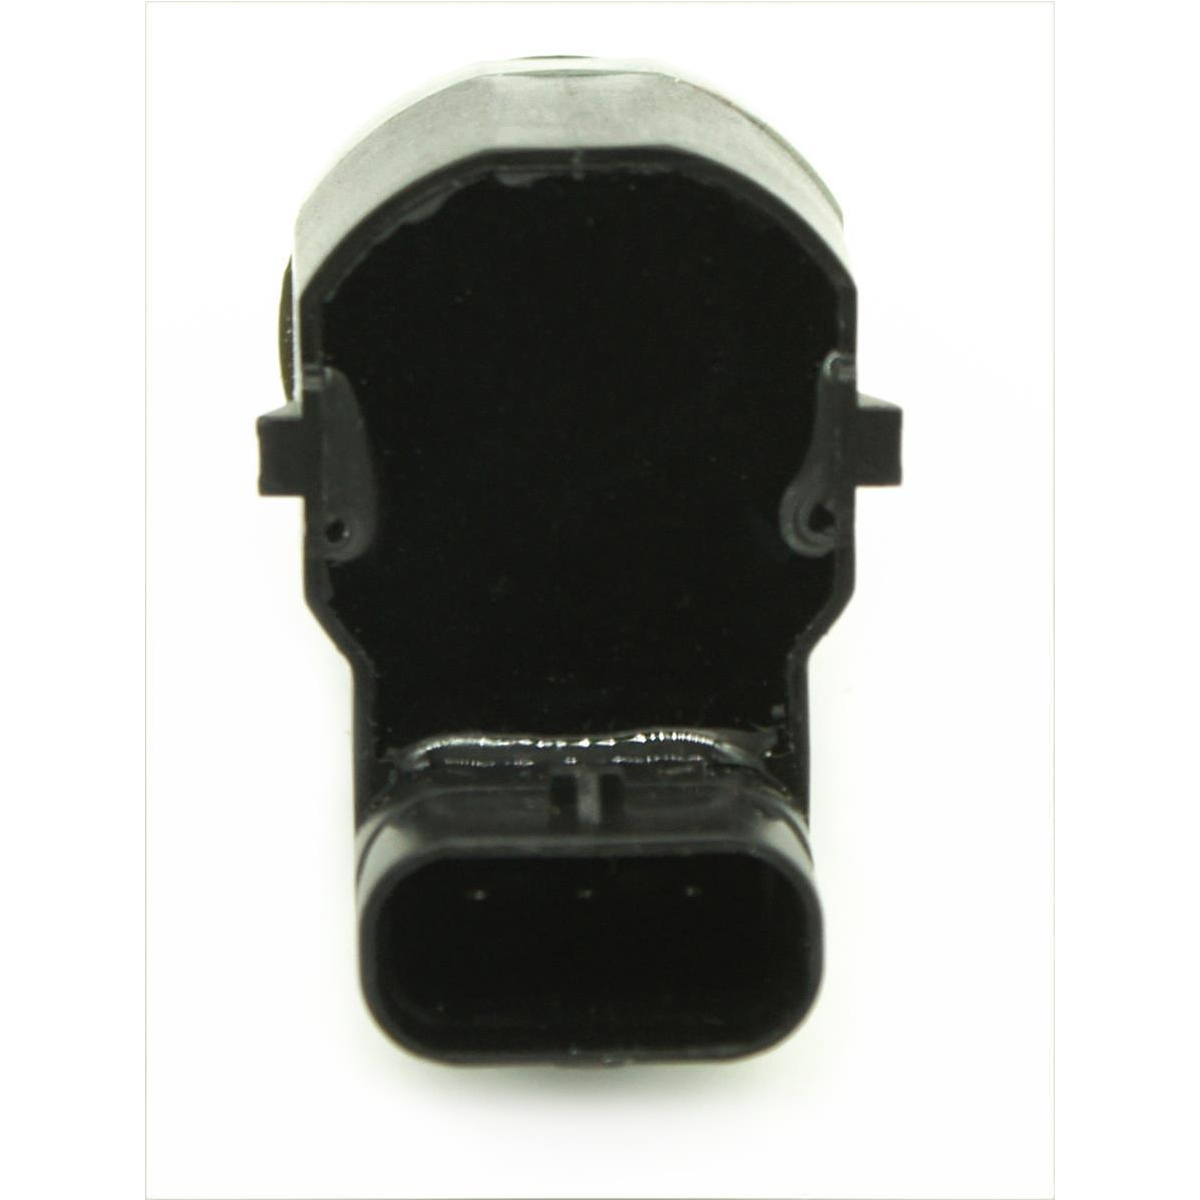 Parksensor C2Z22810 für Jaguar PDC Parktronic